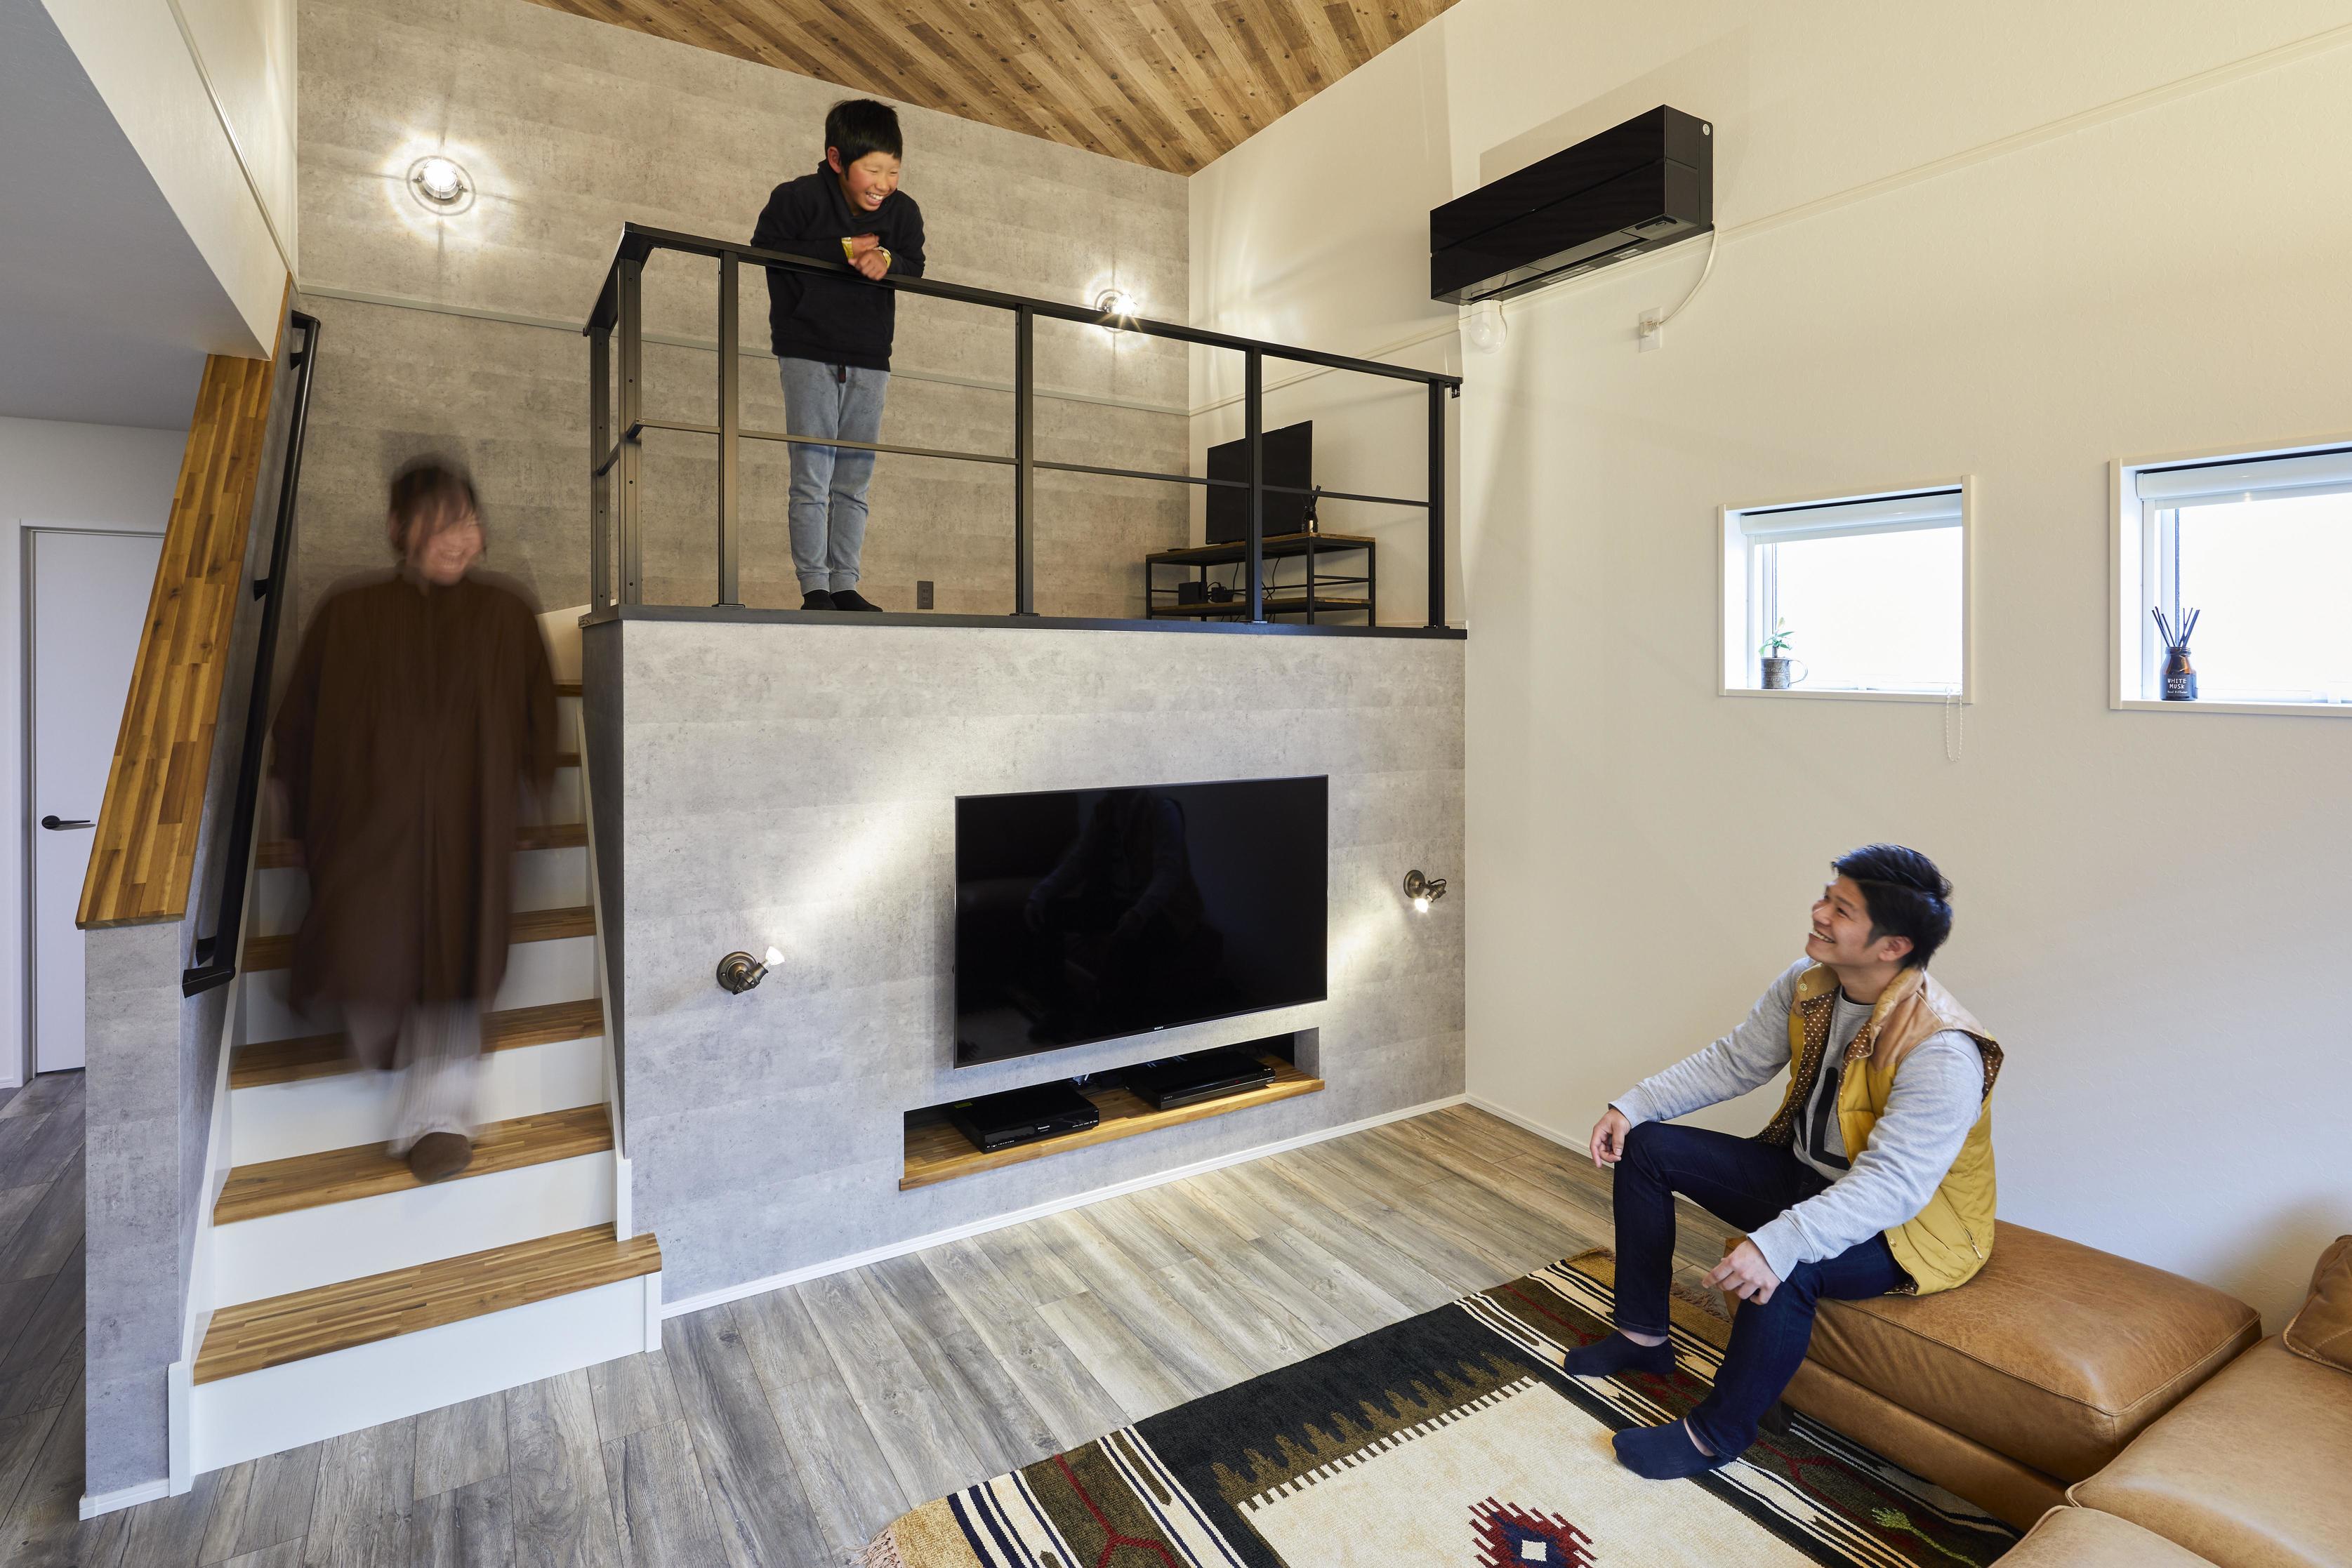 切妻屋根の屋根裏までしっかり断熱したことで、天井まで空間を開放でき、スキップフロアを設計できた